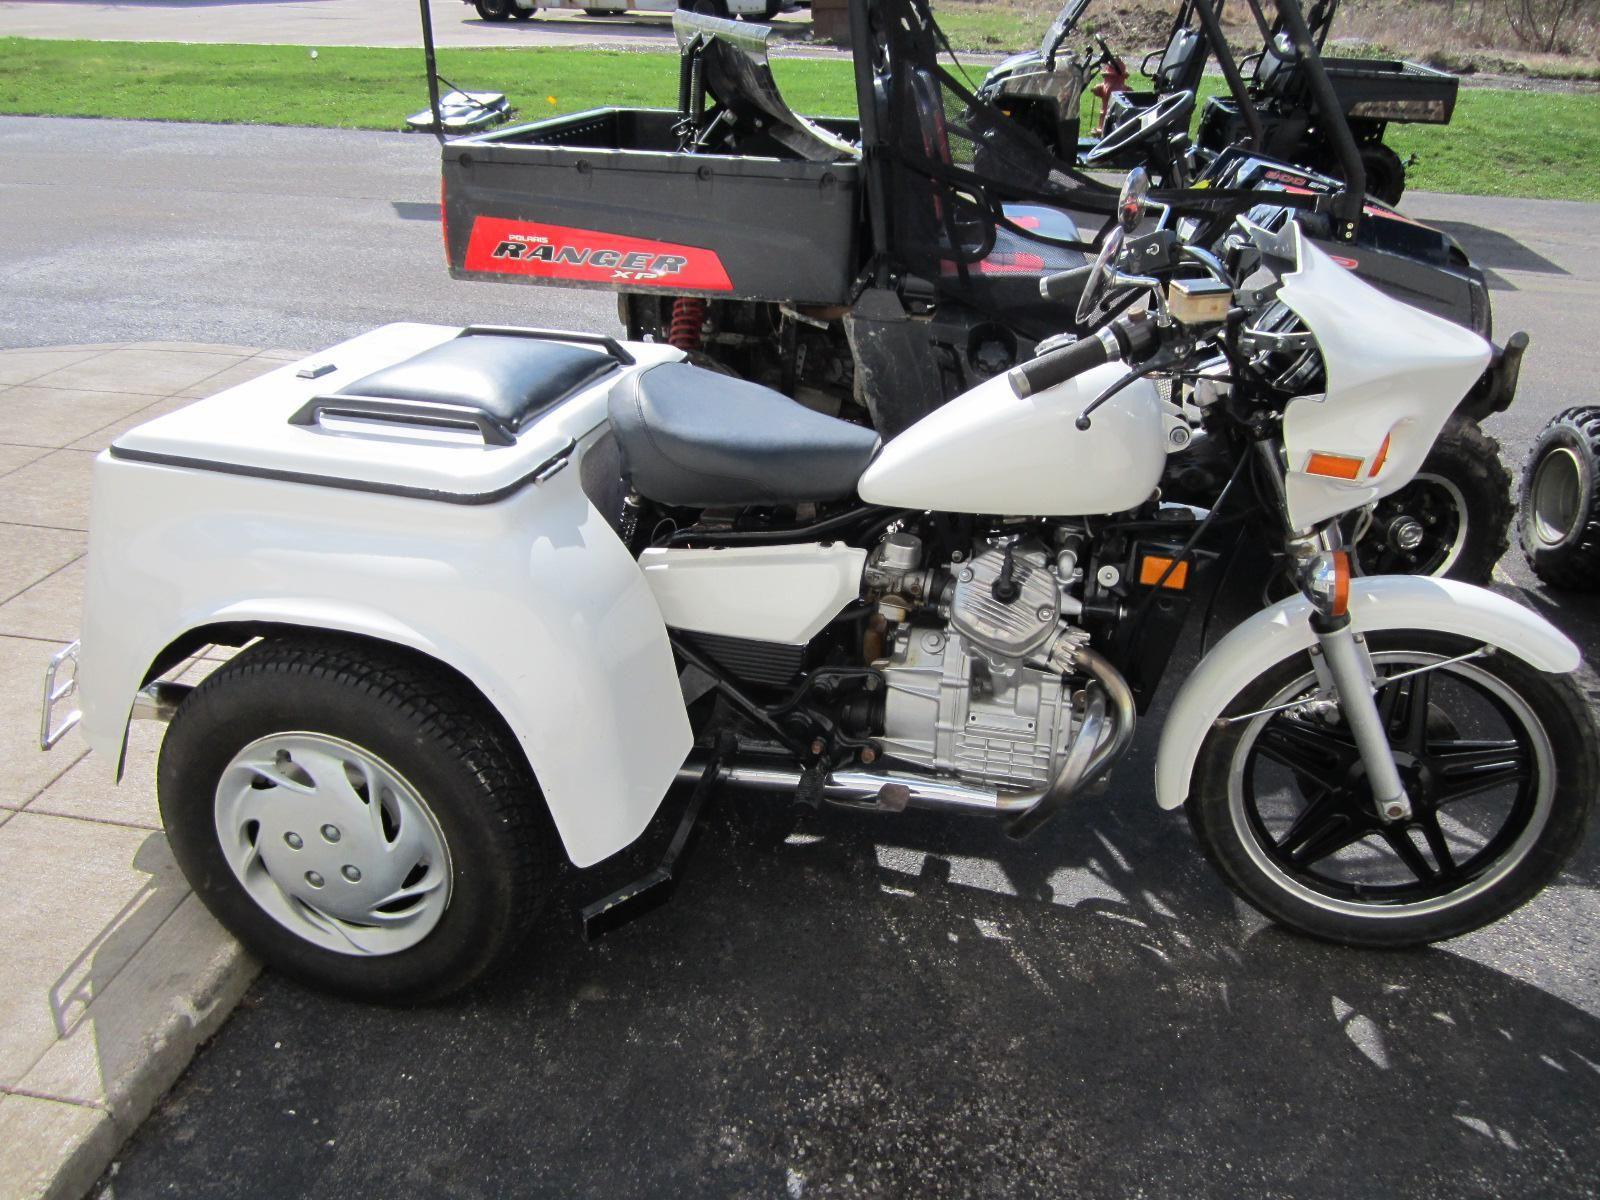 1978 Honda Cx500 Trike Medina Oh Cycletrader Com Honda Cx500 Motorcycle Trike Motorcycle